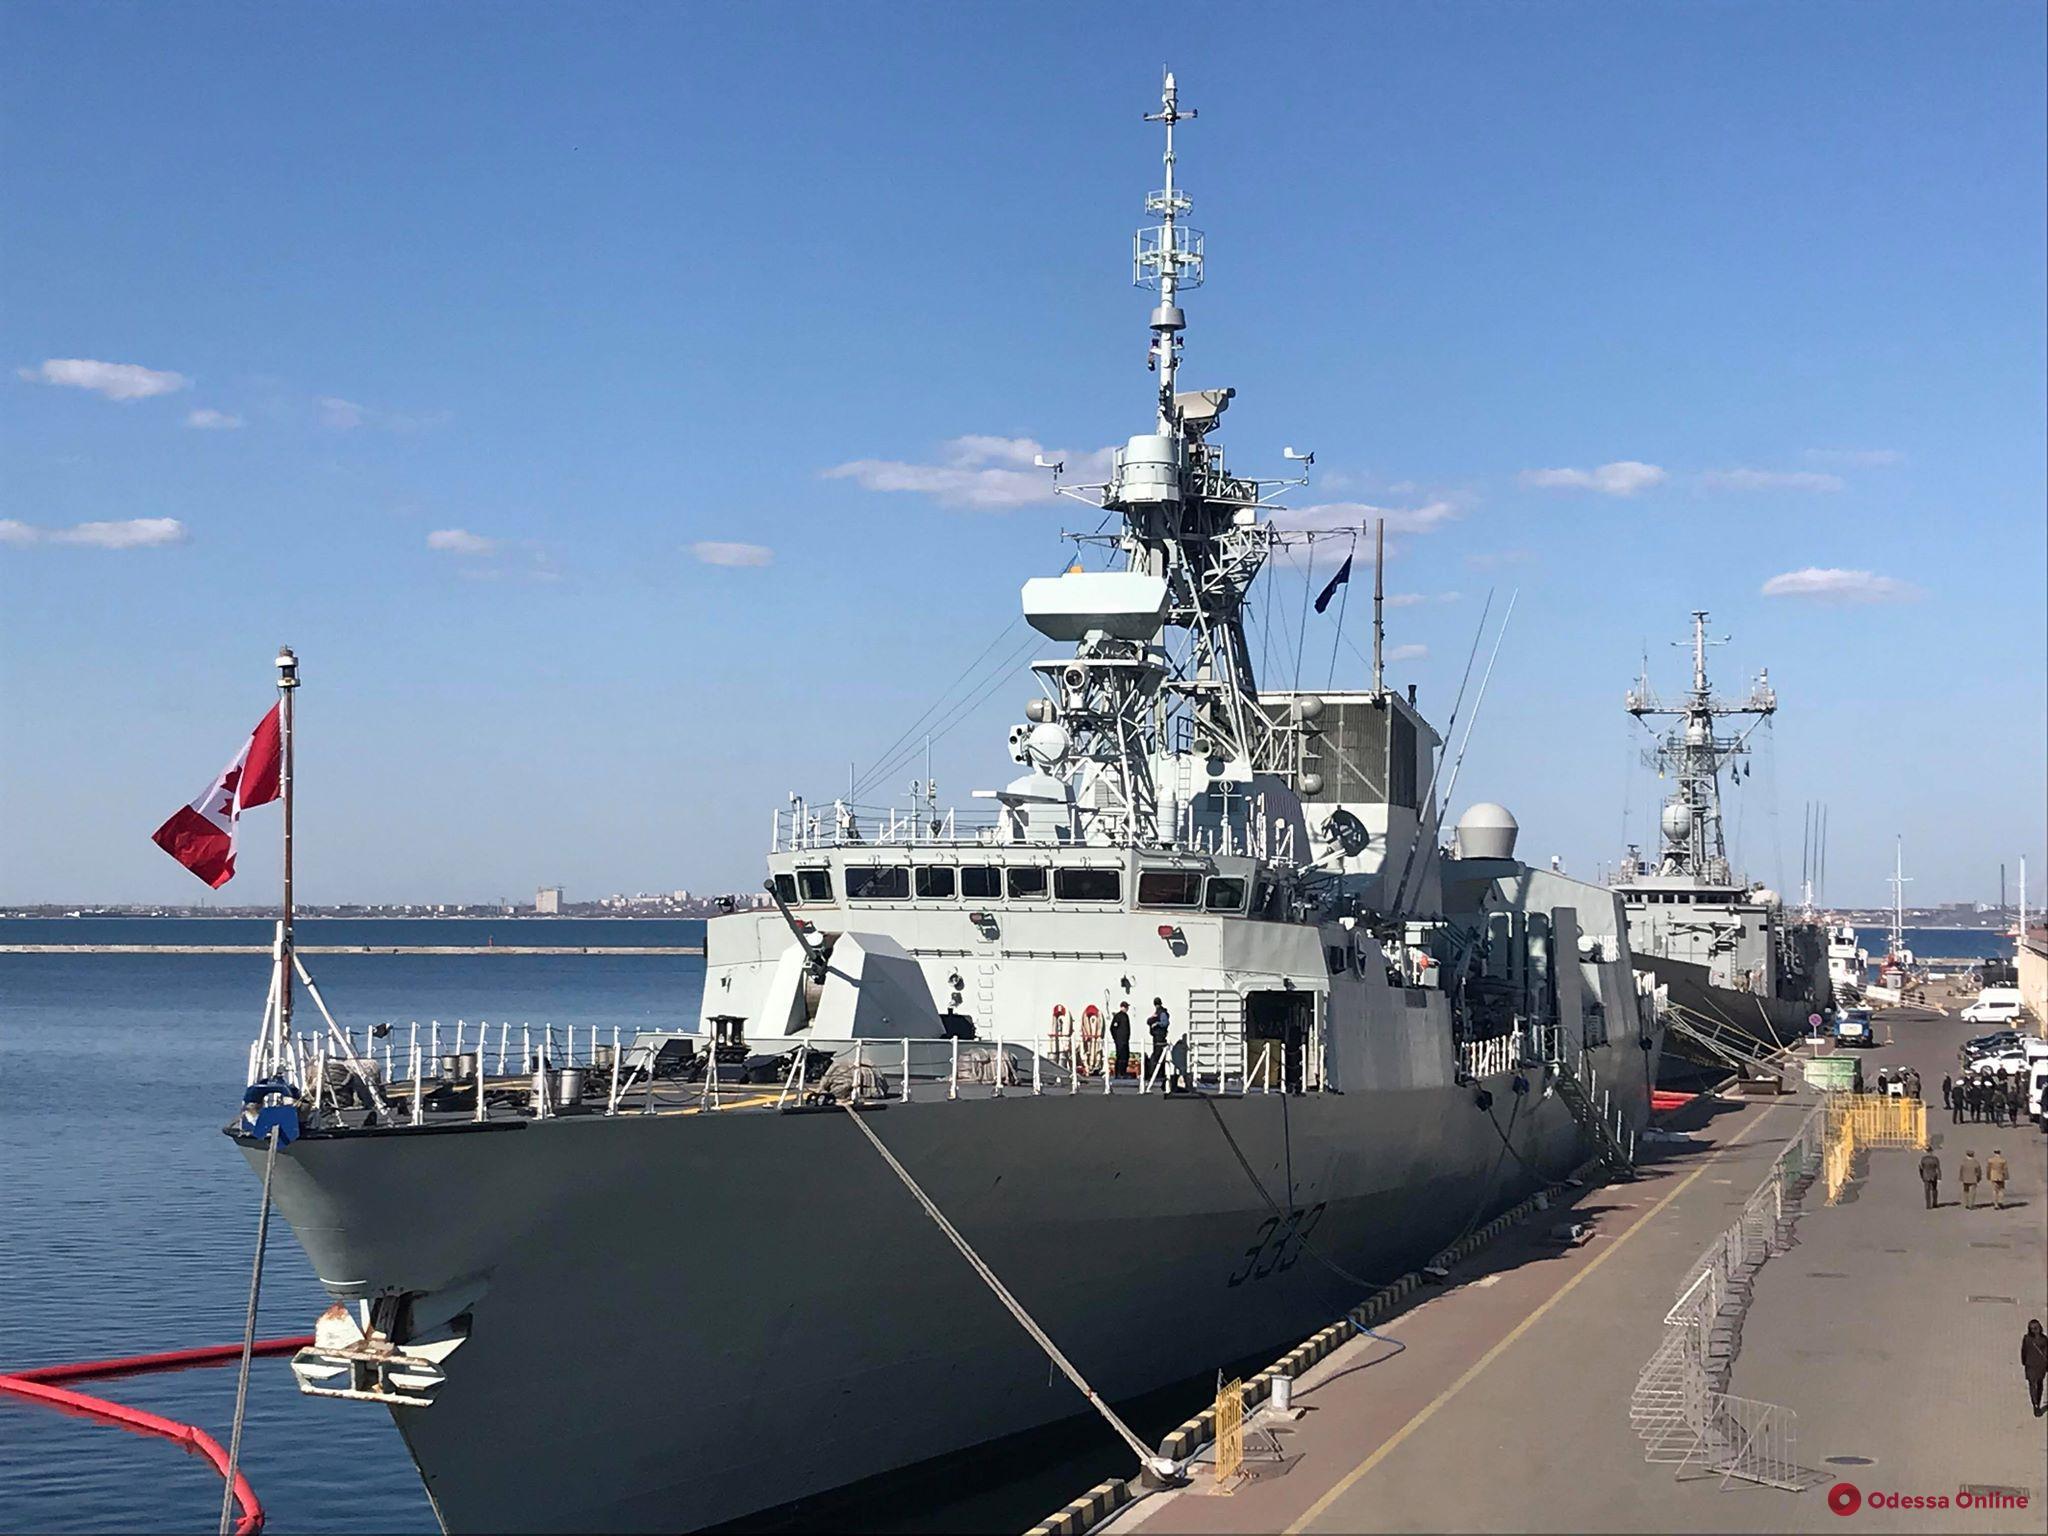 В Одесской области проведут испытания новых ракетных систем